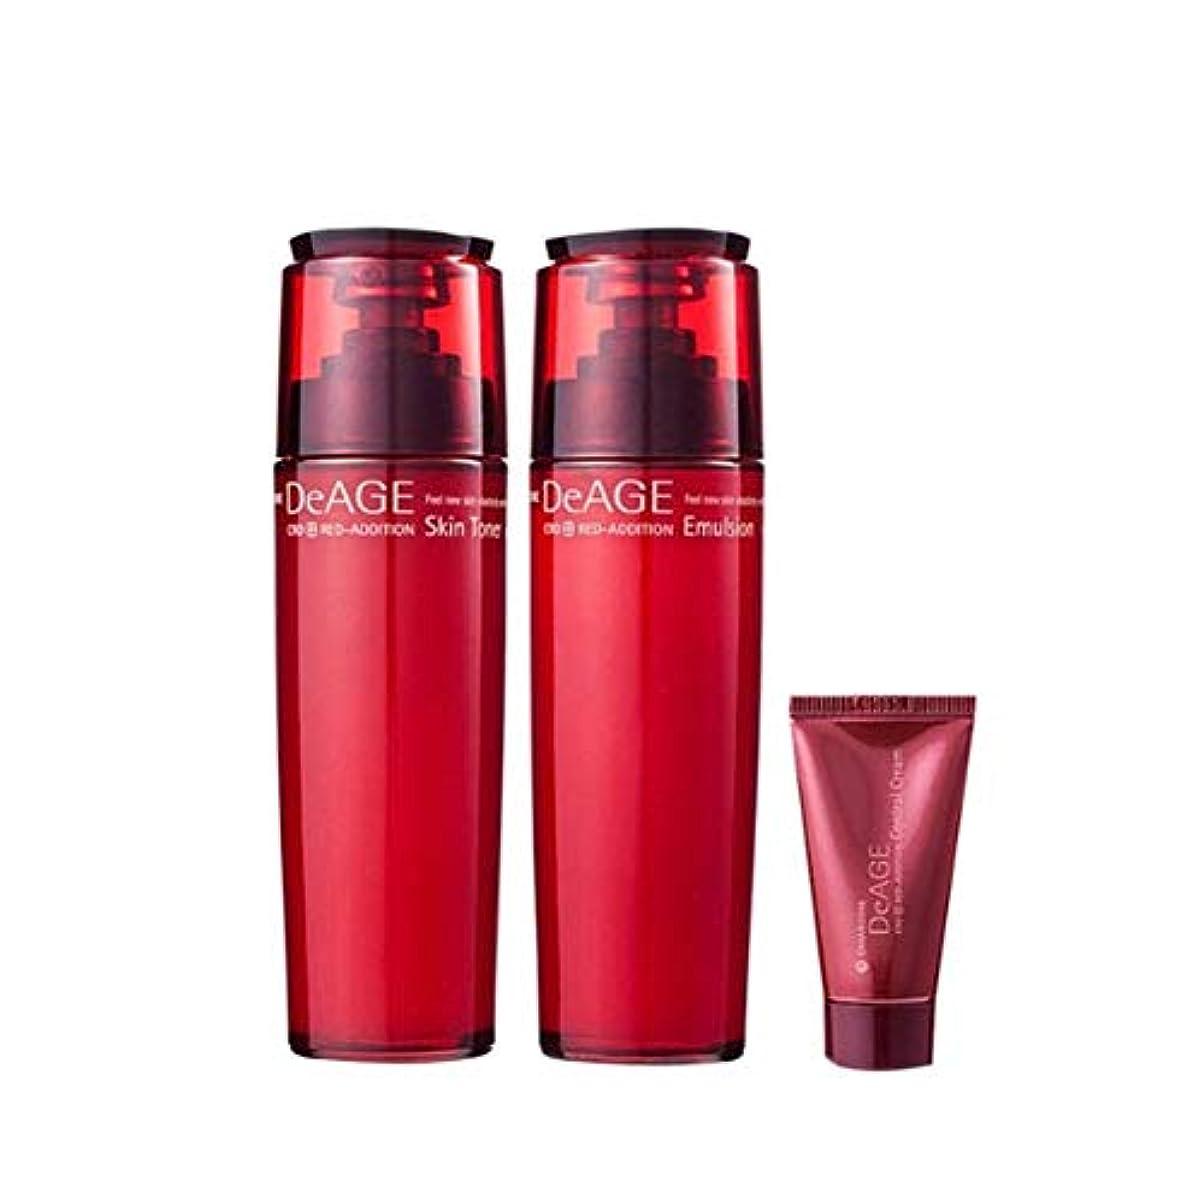 スポンサー聖なる組立チャムジョンディエイジレッドエディションセット(スキントナー130ml、エマルジョン130ml、コントロールクリーム15ml)、Charmzone DeAGE Red Addition Set(Skin Toner 130ml...